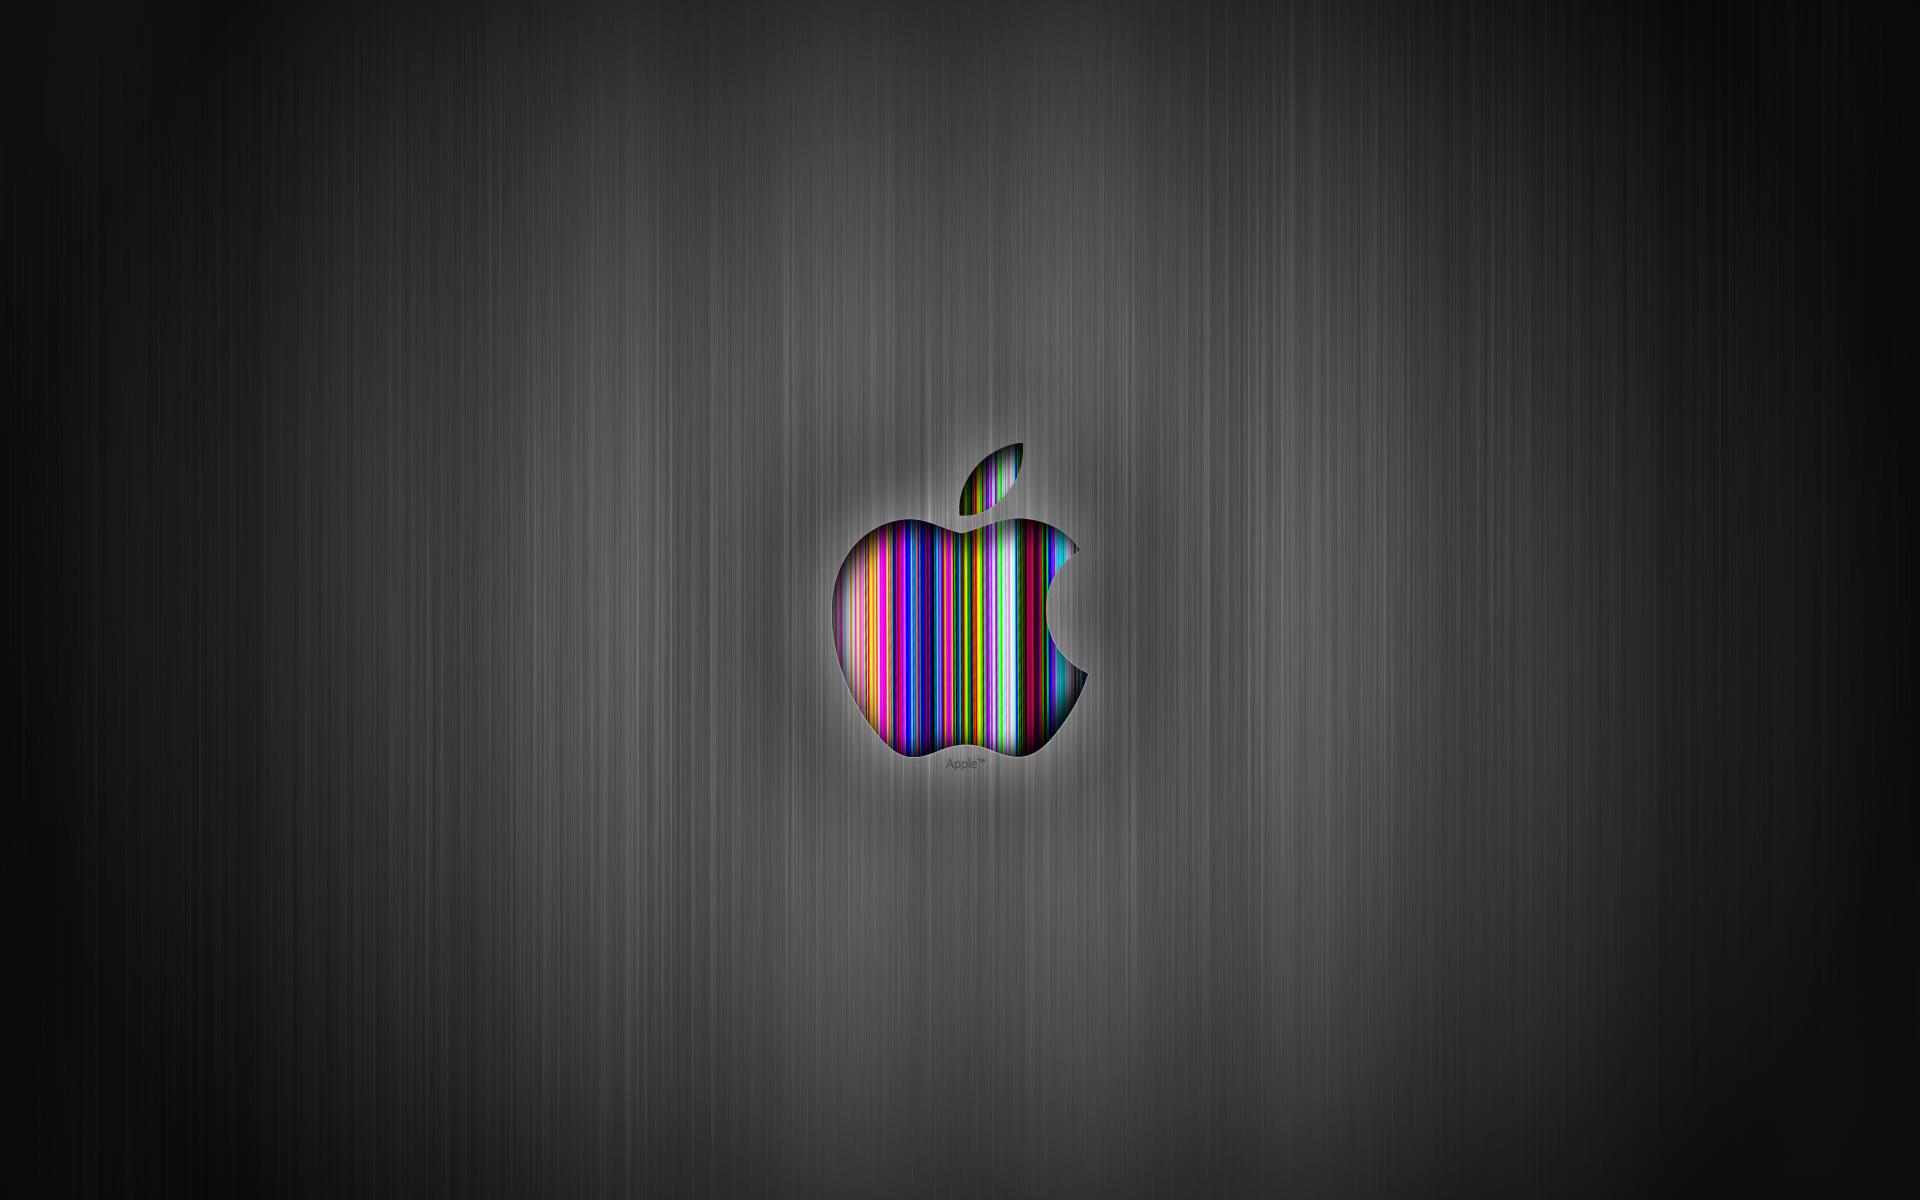 Apple HD Gray Wallpaper MAC by CezarisLT